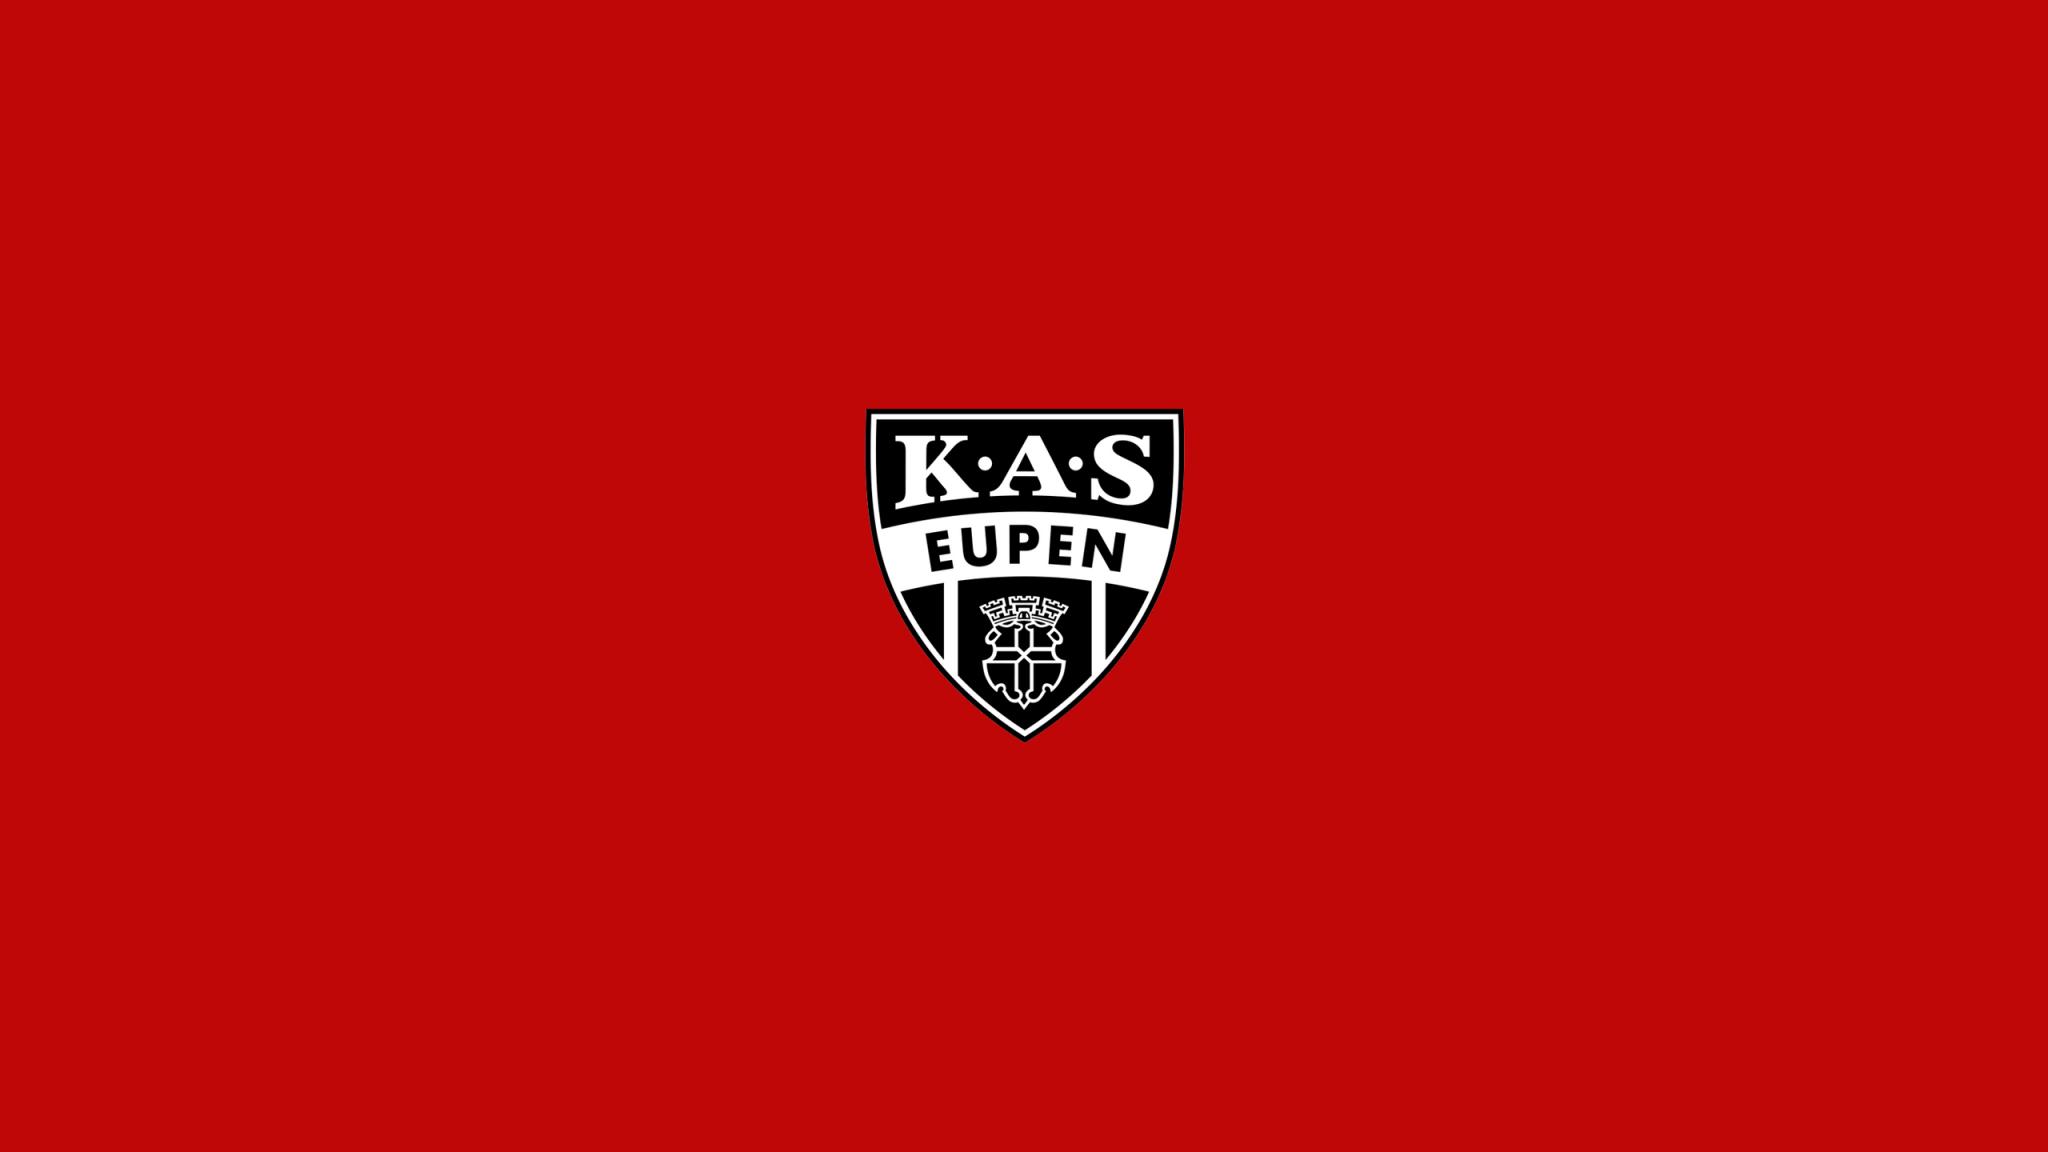 KAS Eupen (Third)